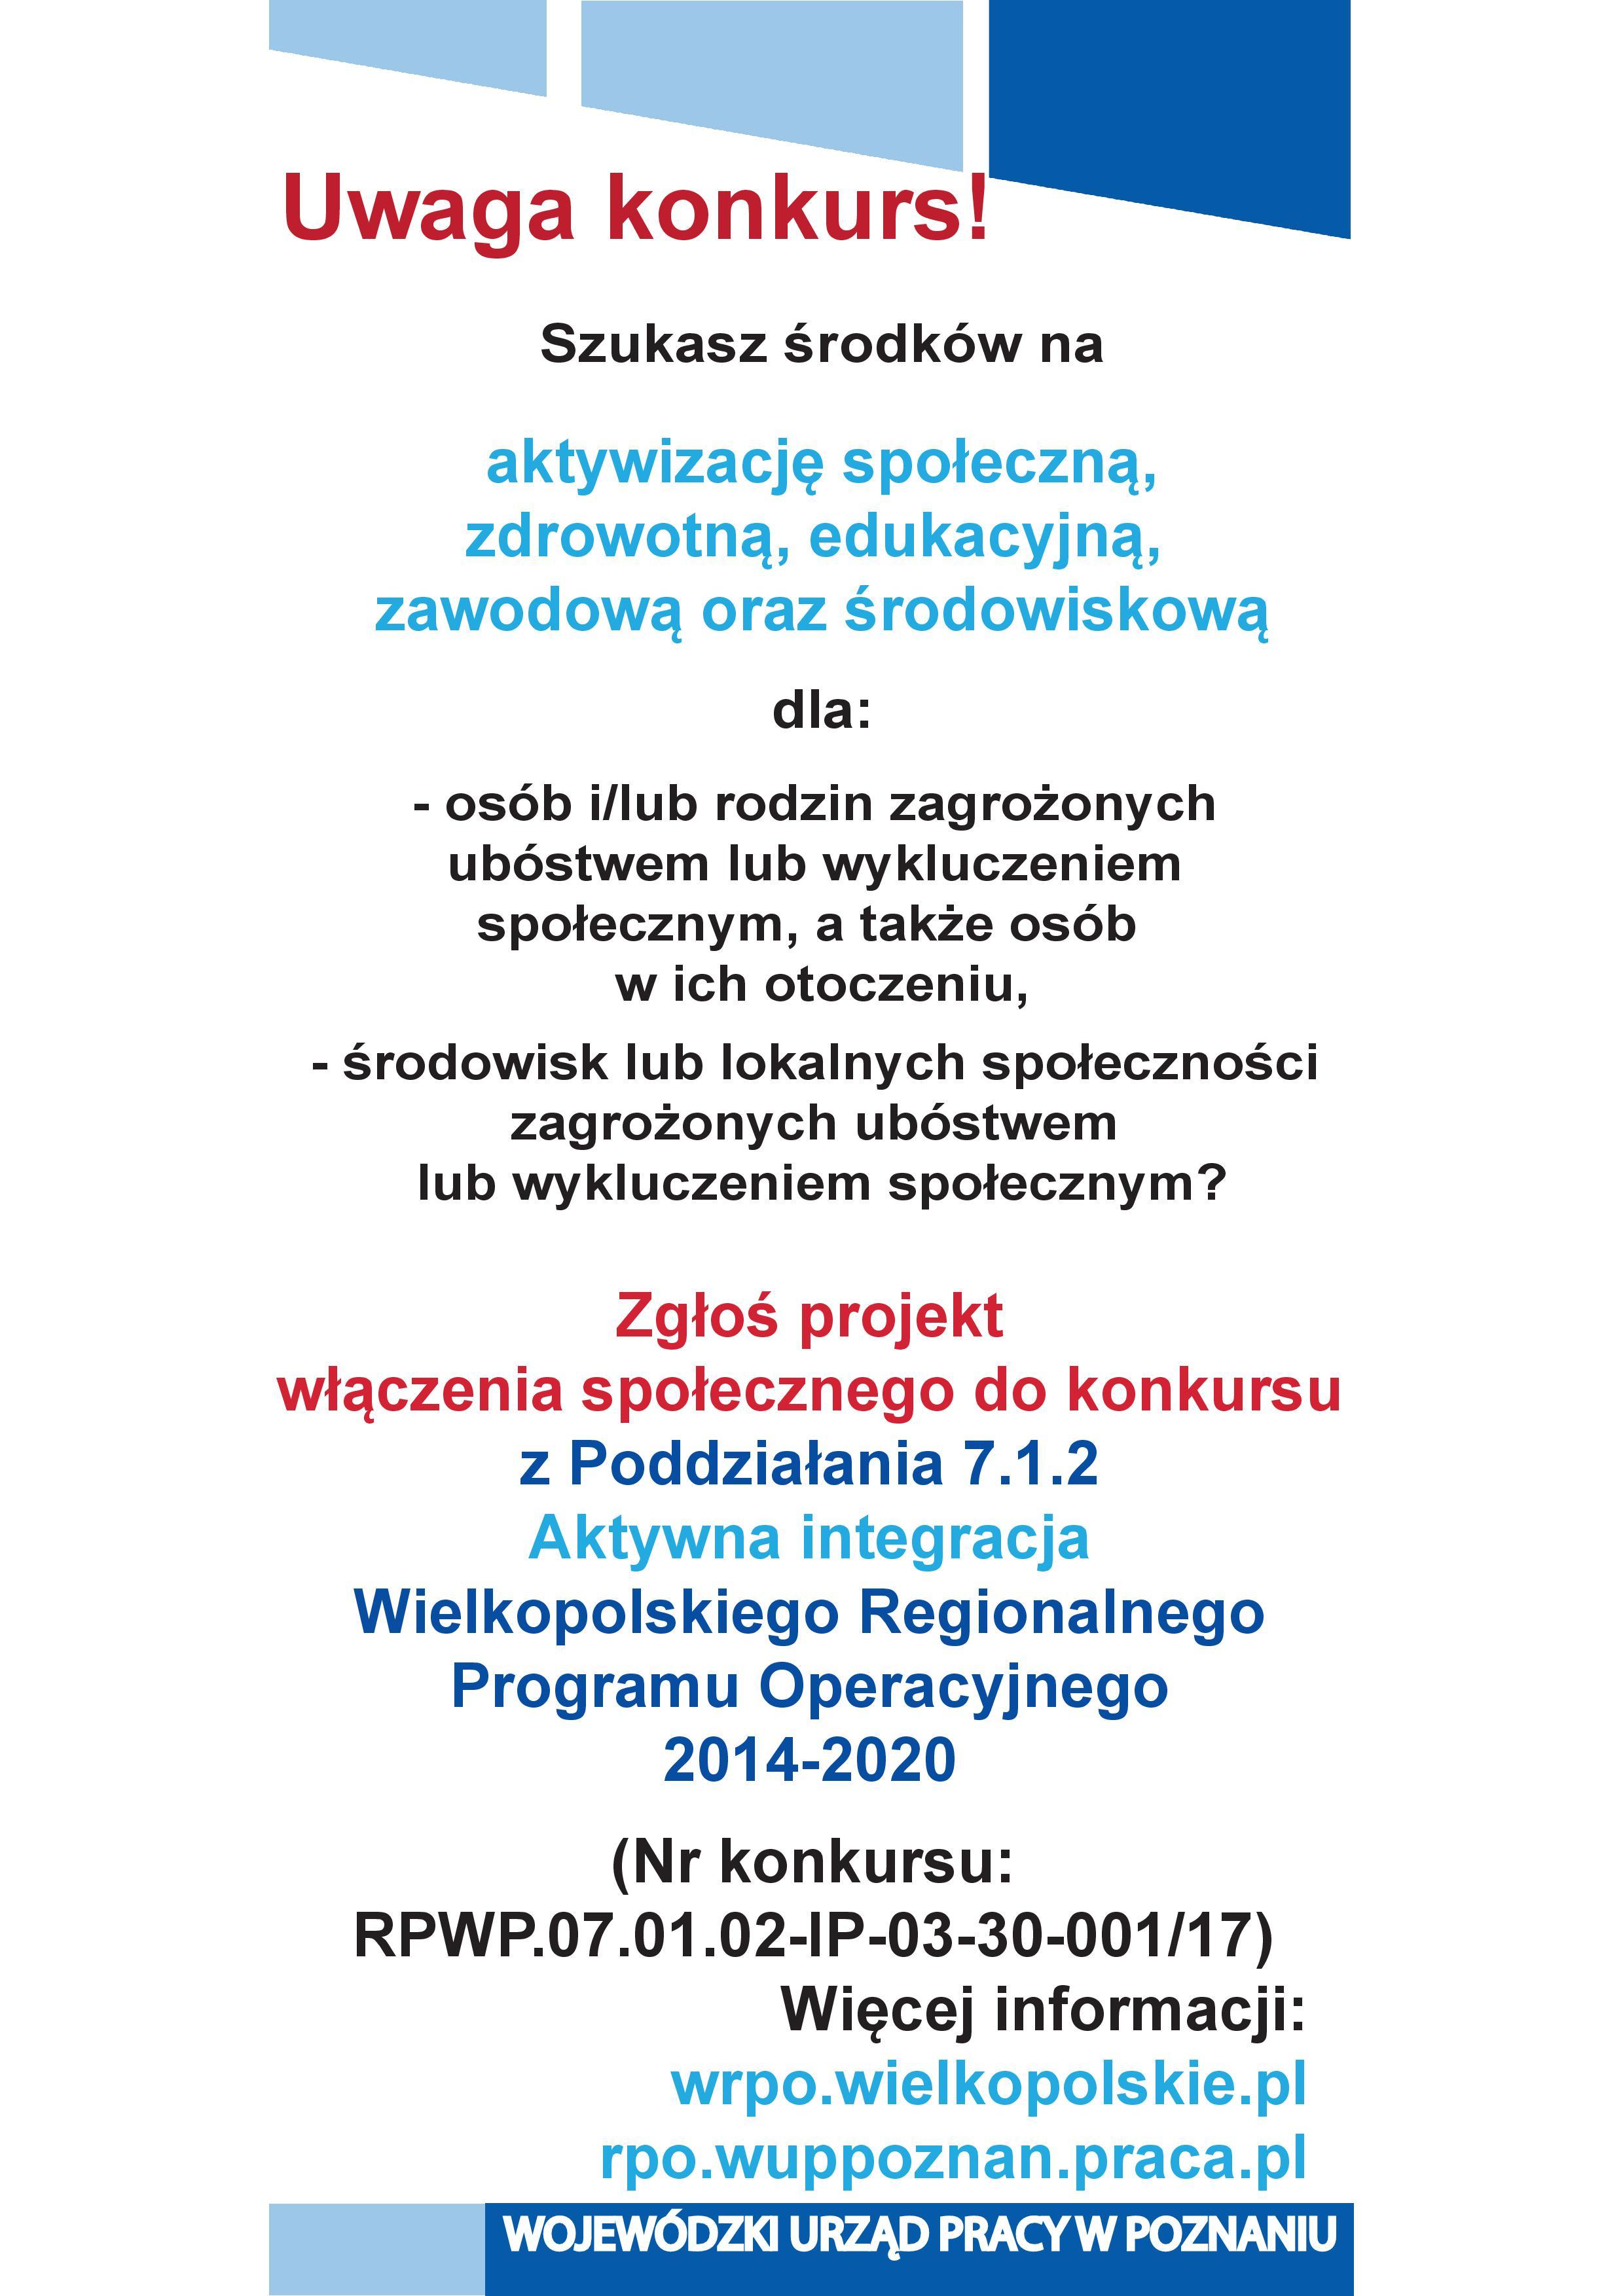 Ulotka promująca konkurs 7.1.2 WRPO 2014  (2017)